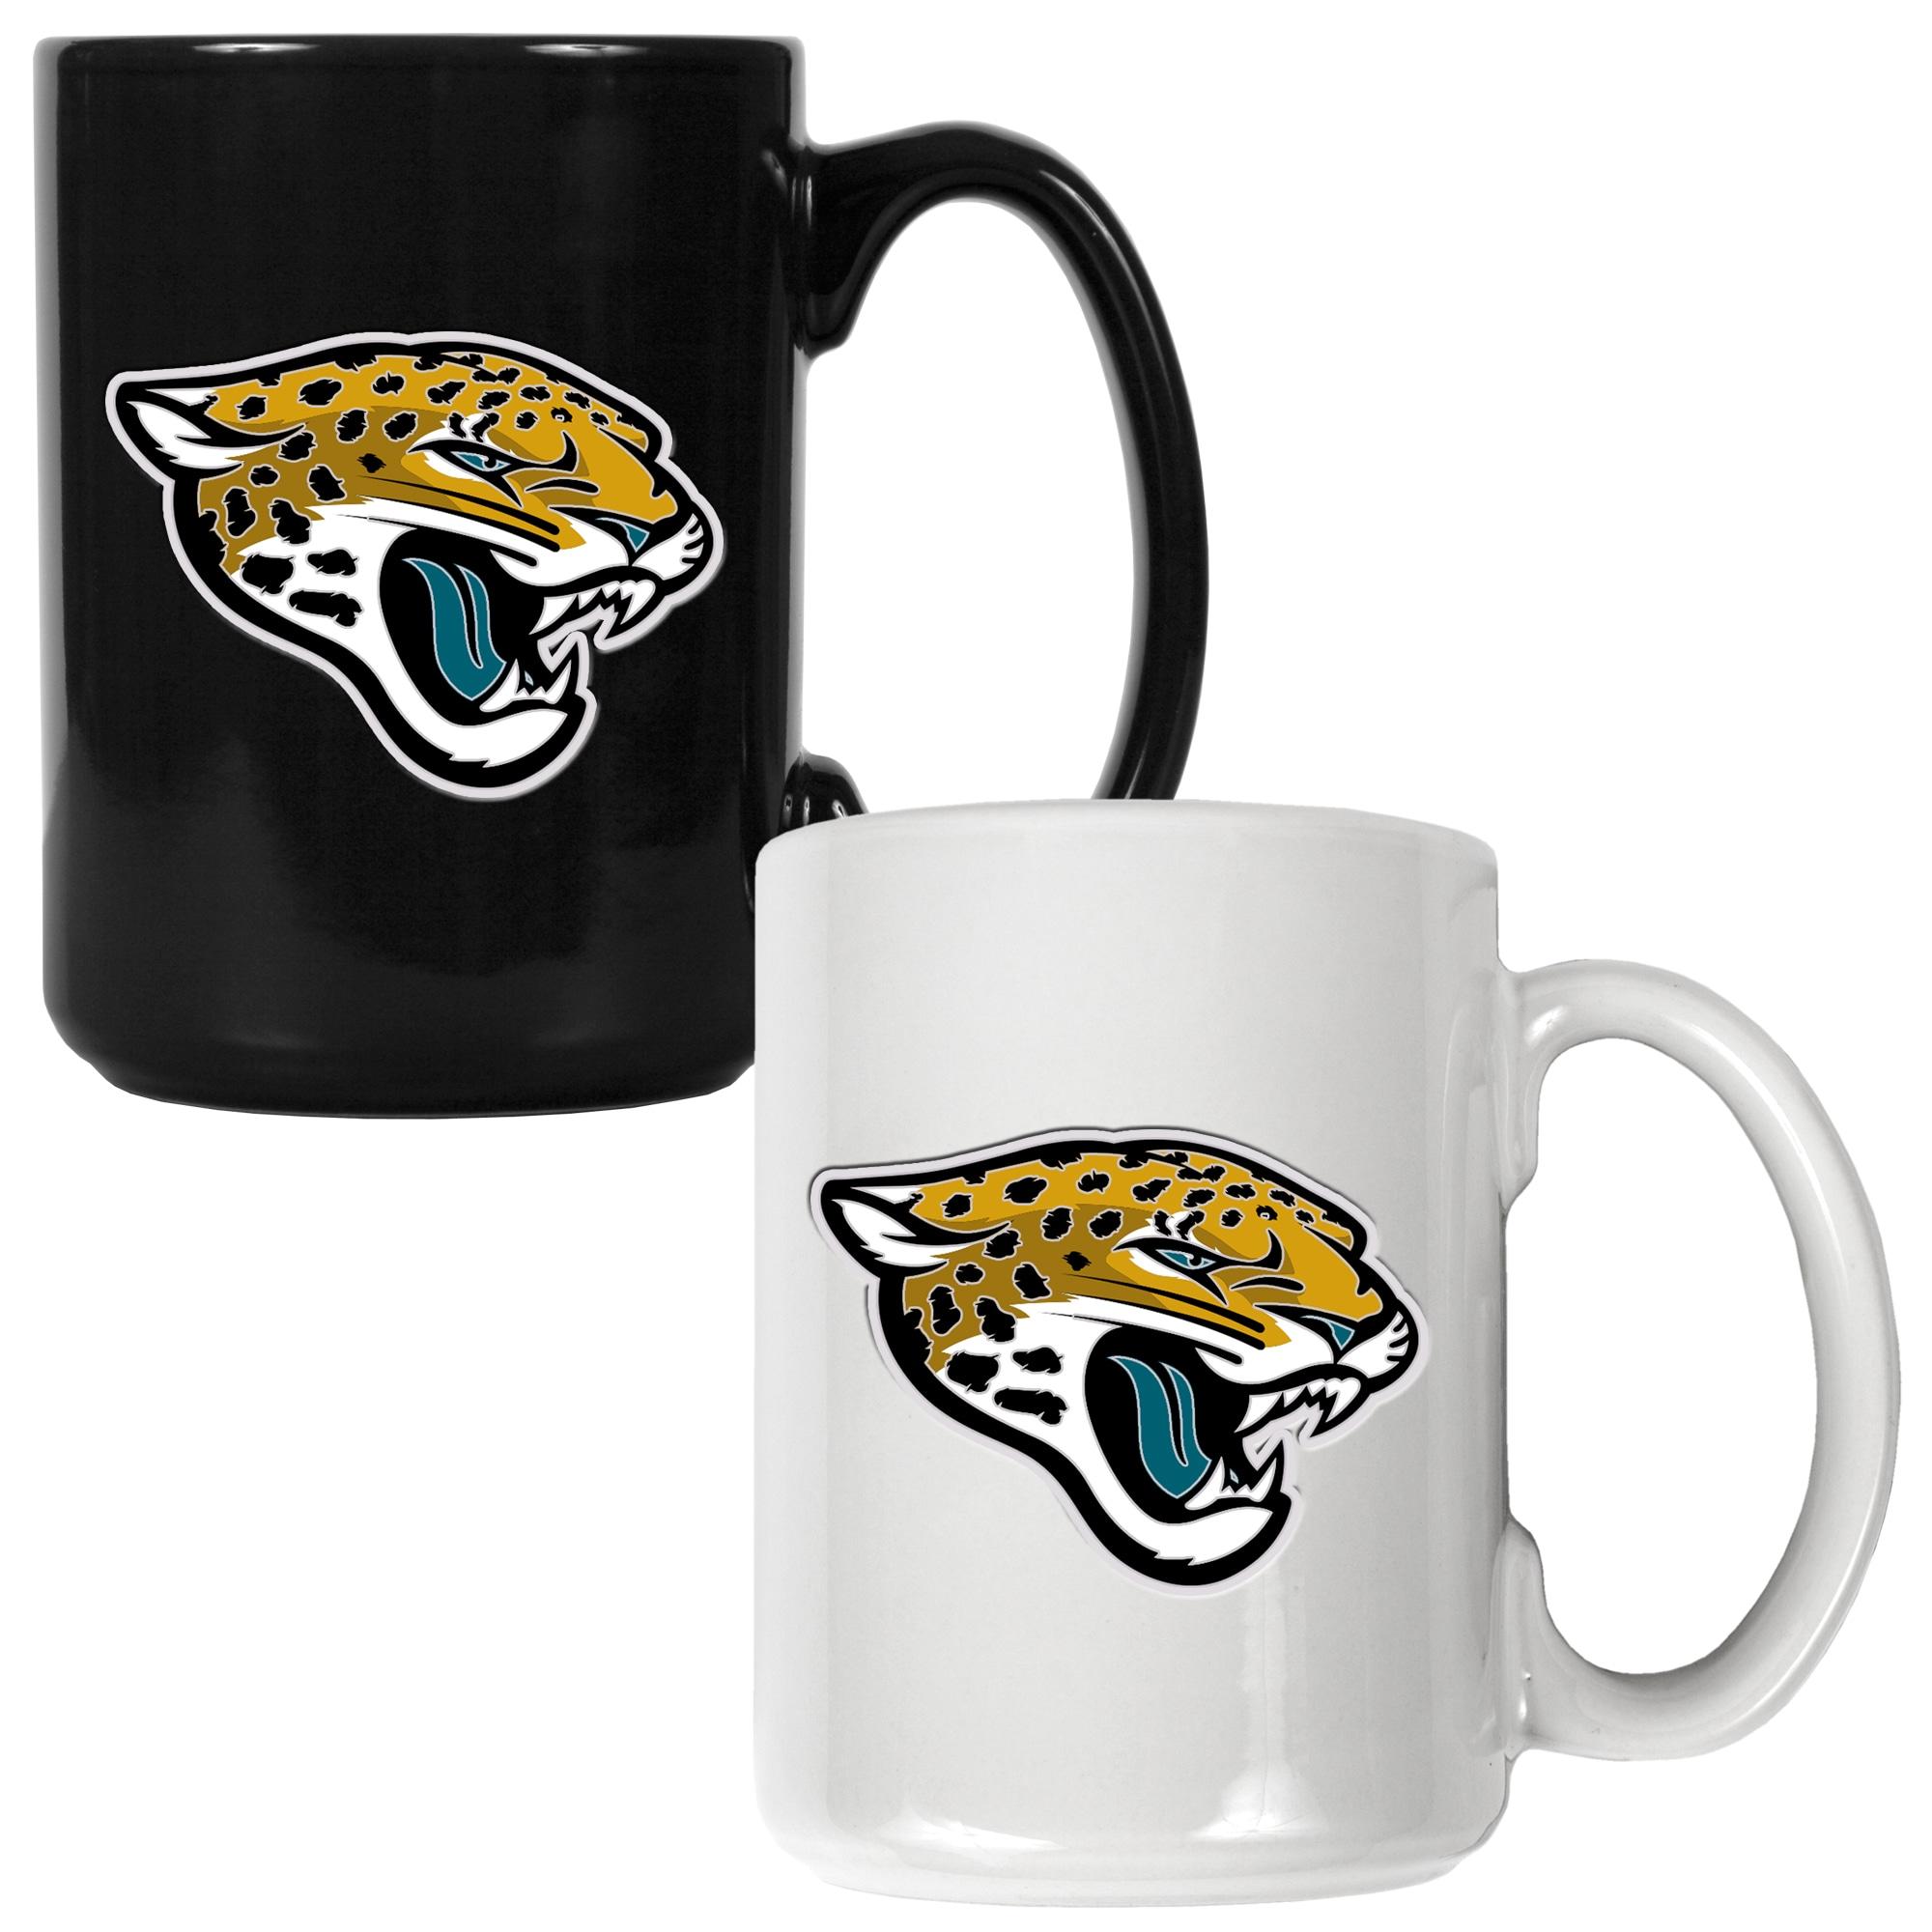 Jacksonville Jaguars 15oz. Coffee Mug Set